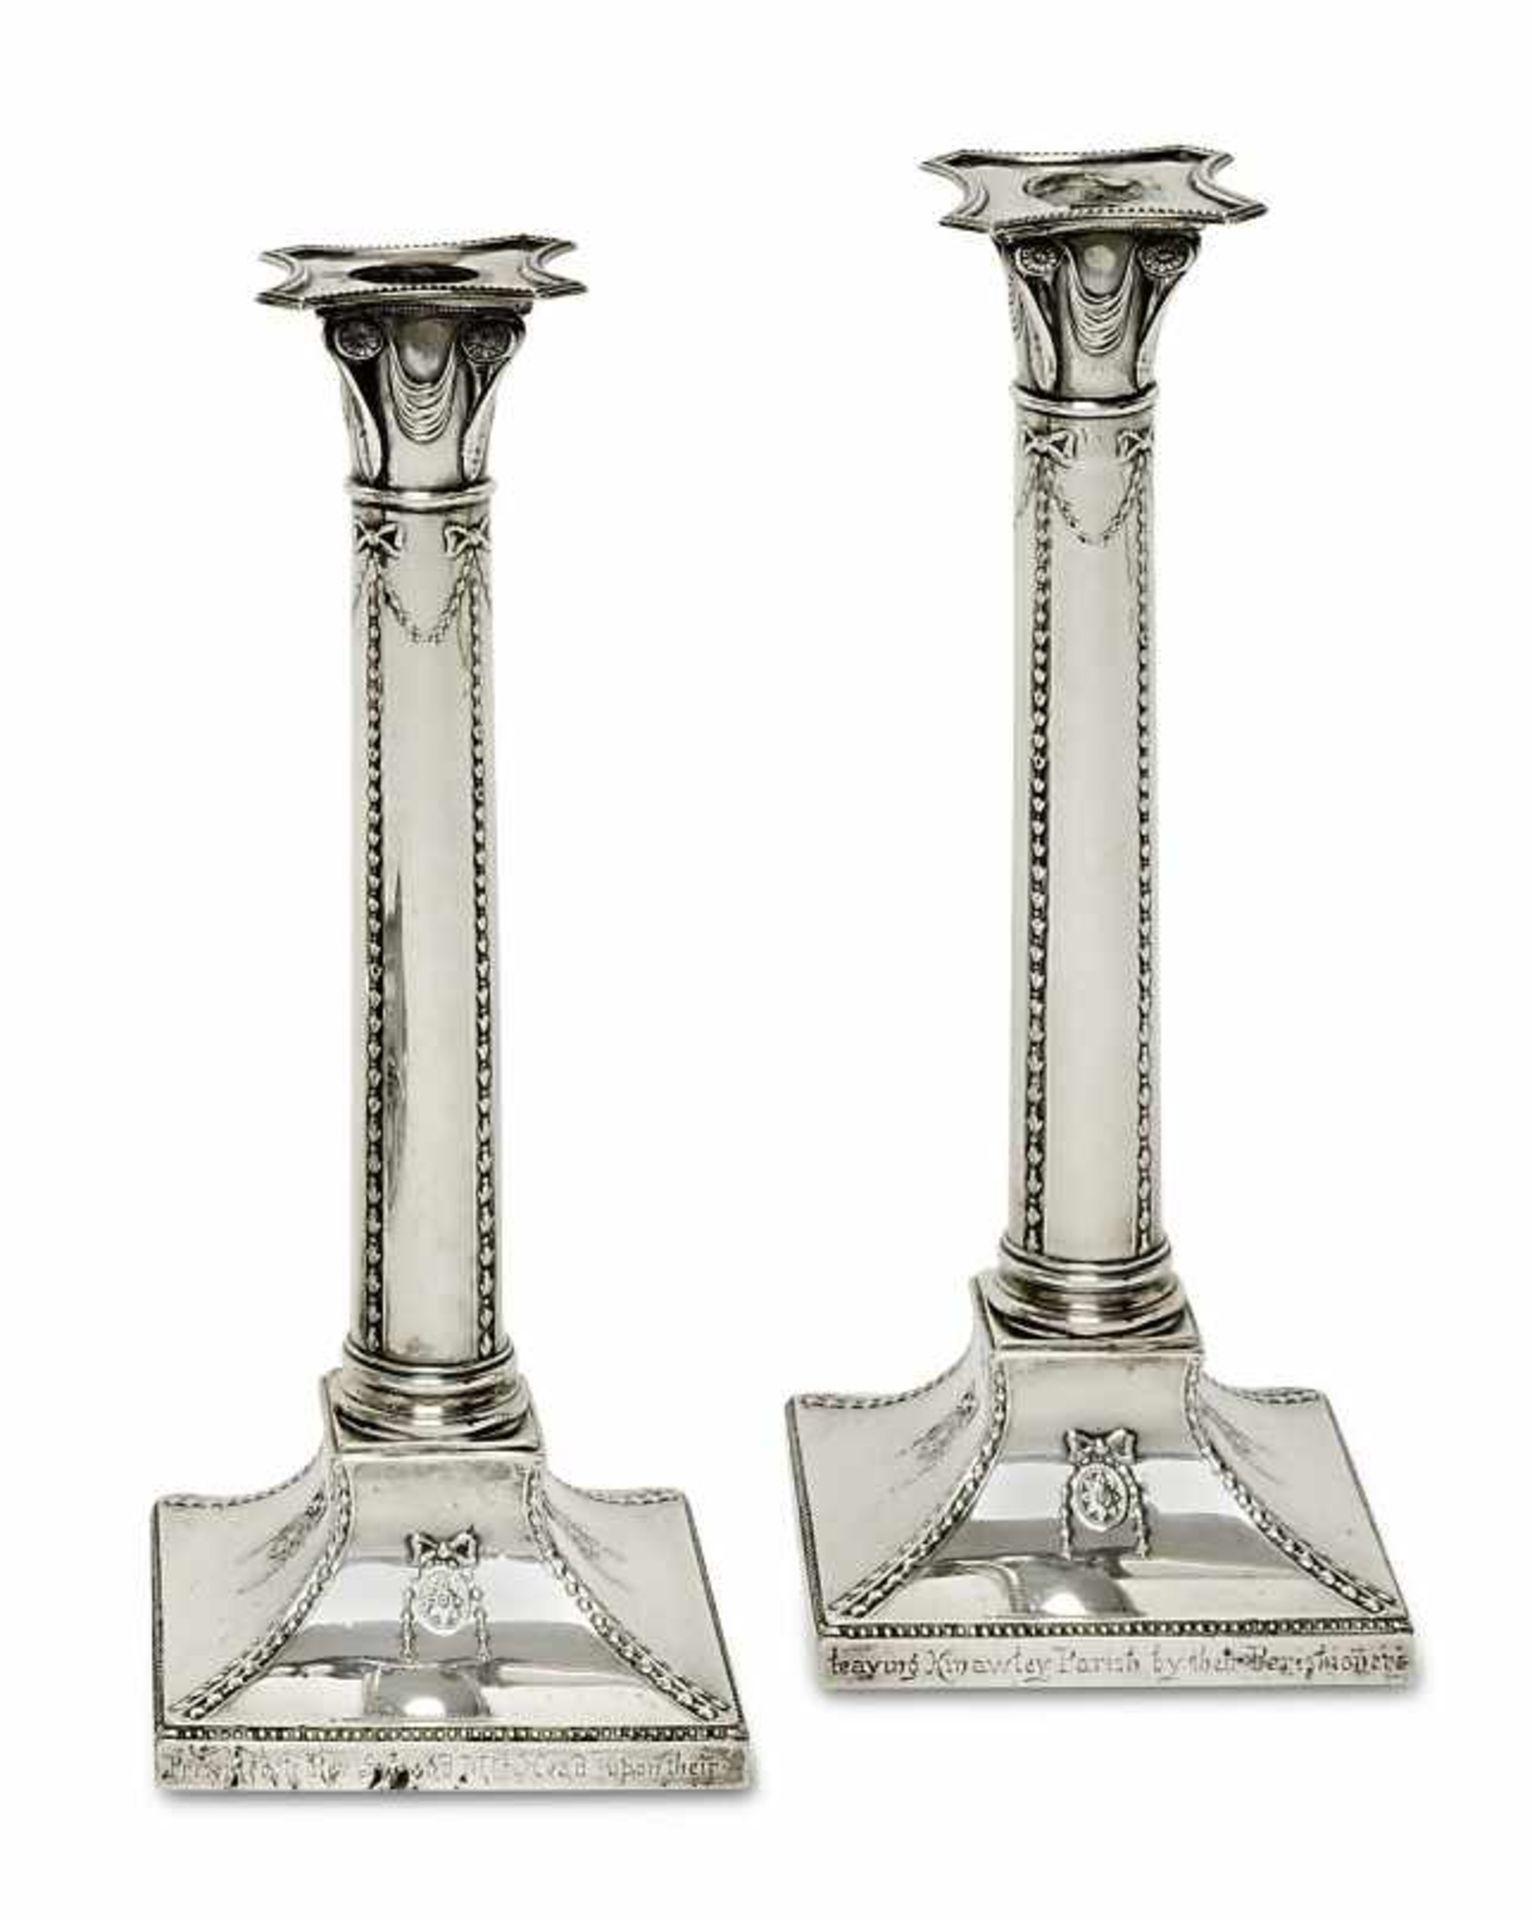 Los 17 - Ein Paar KerzenleuchterLondon, 1903/04, Thomas Bradbury & Sons Silber. Säulenform mit Girlanden- und